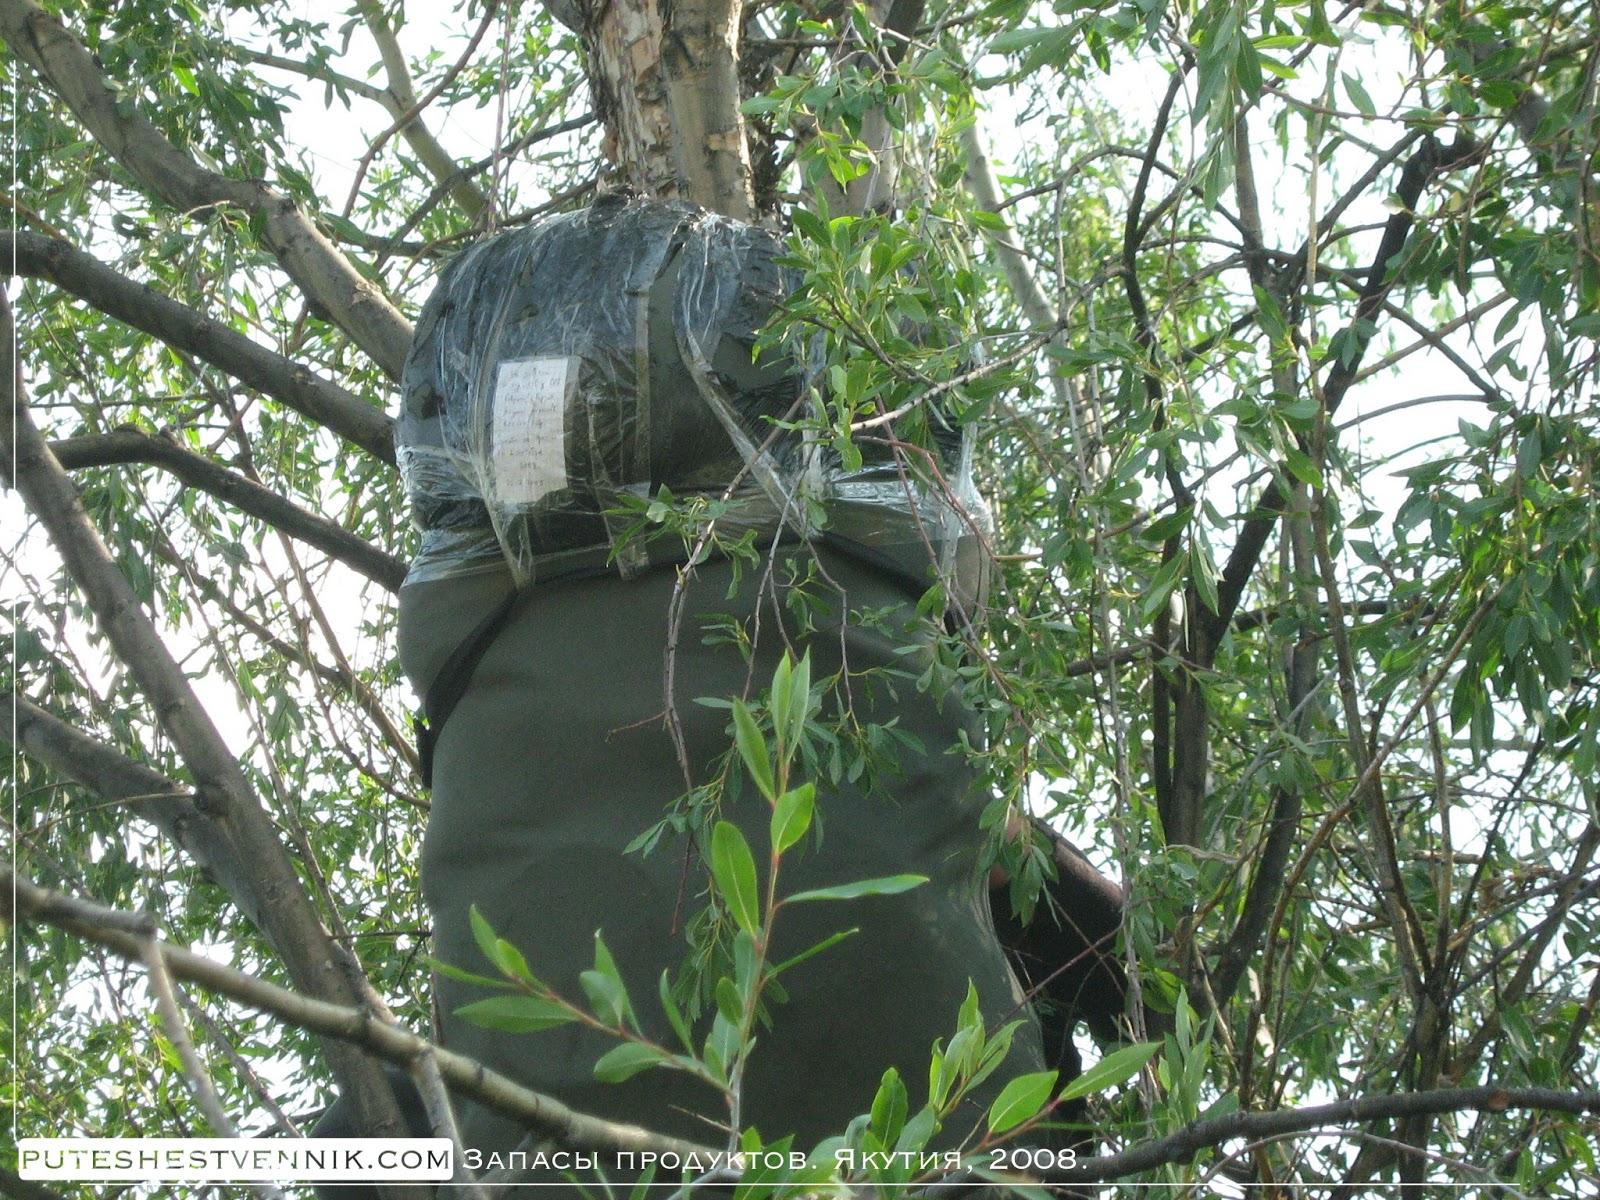 Рюкзак с запасами продуктов на дереве